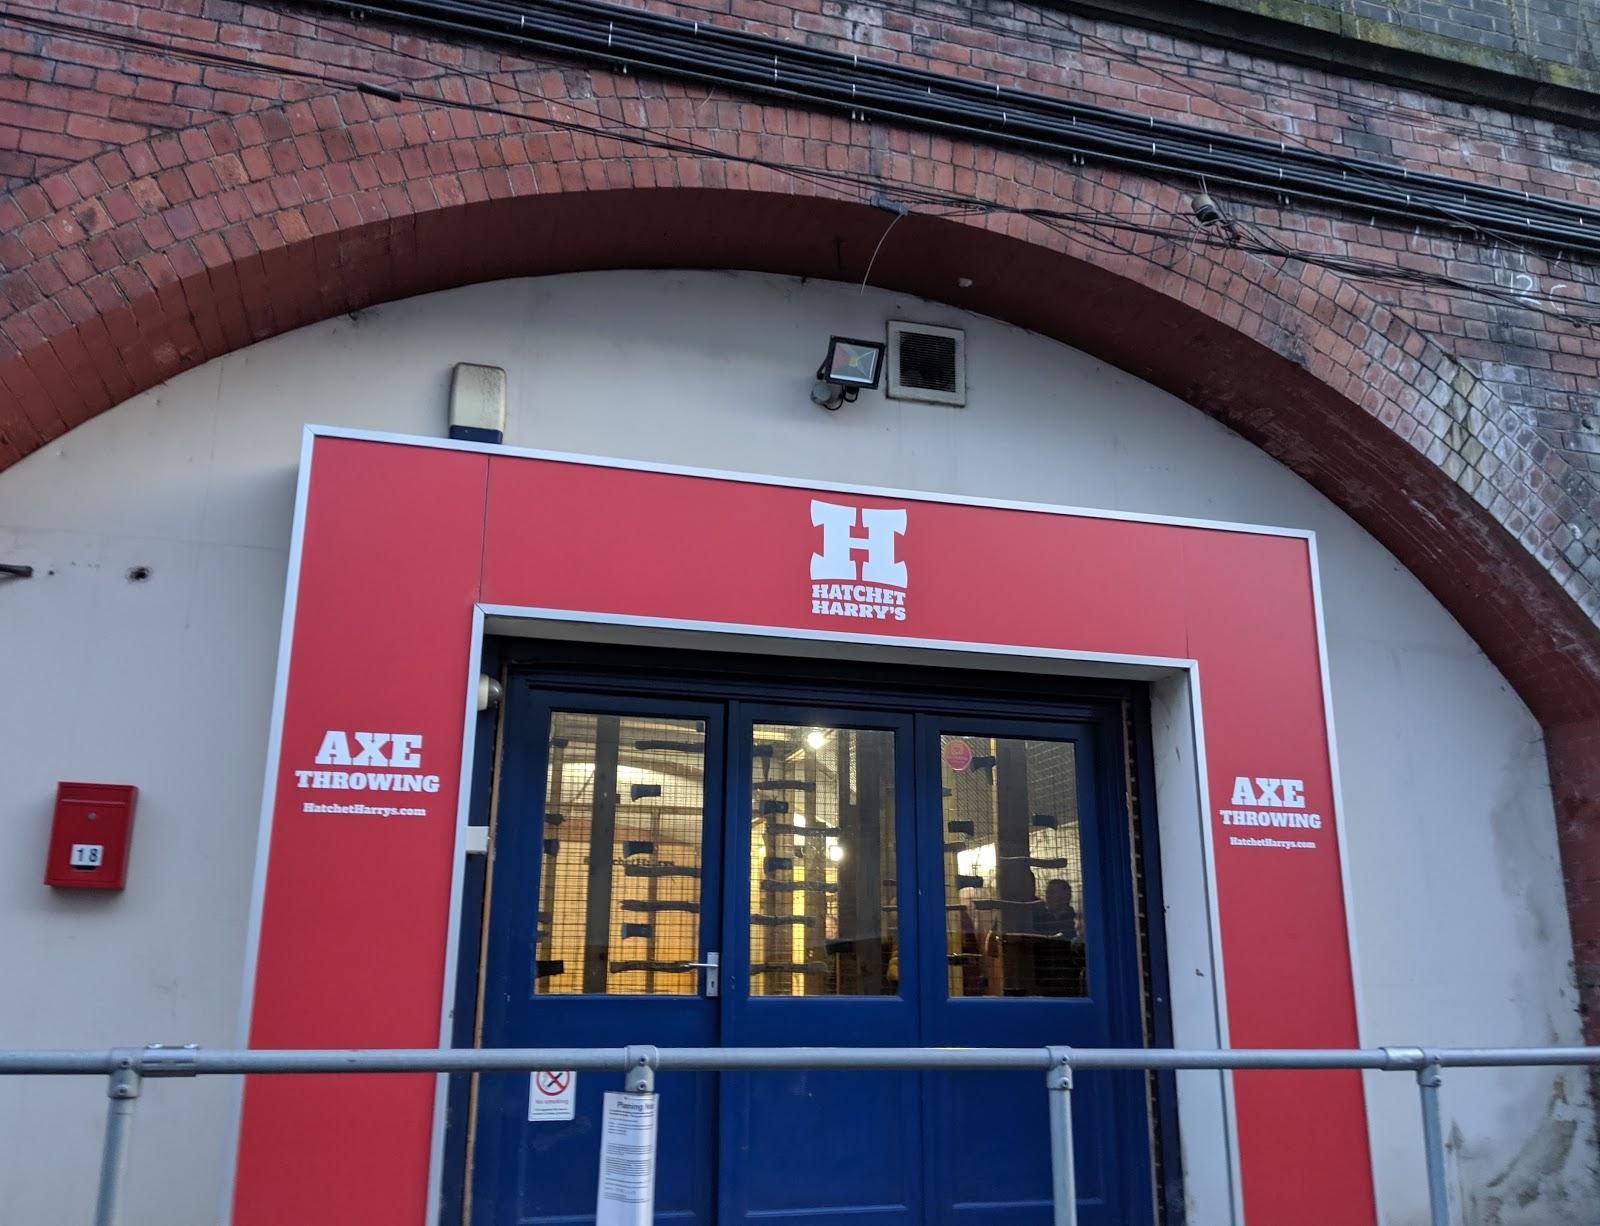 Indoor Axe Throwing in Newcastle at Hatchet Harry's  (Review) - exteriror